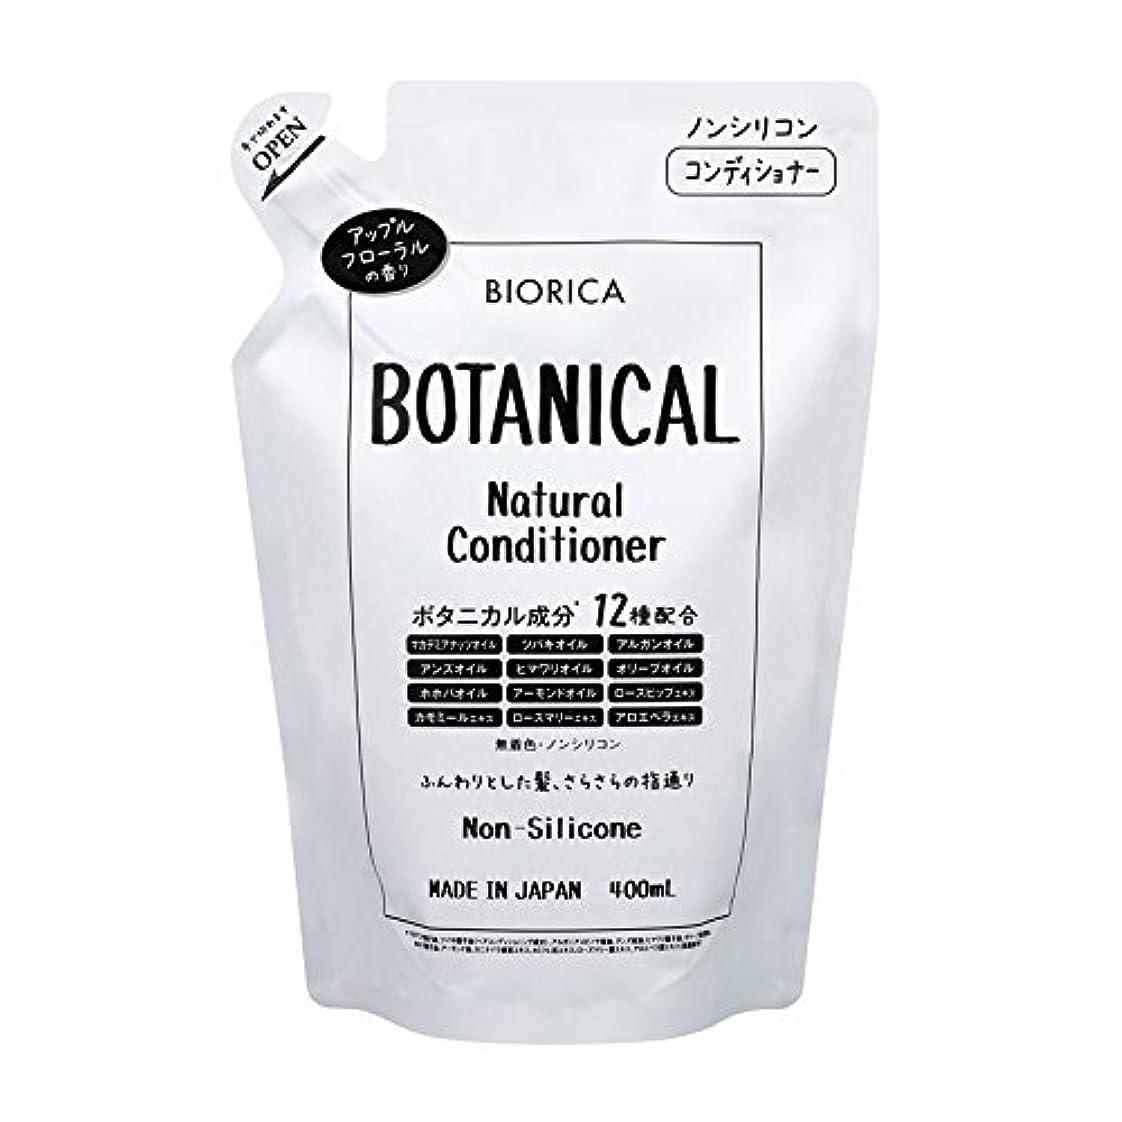 衛星圧力試みるBIORICA ビオリカ ボタニカル ノンシリコン コンディショナー 詰め替え アップルフローラルの香り 400ml 日本製